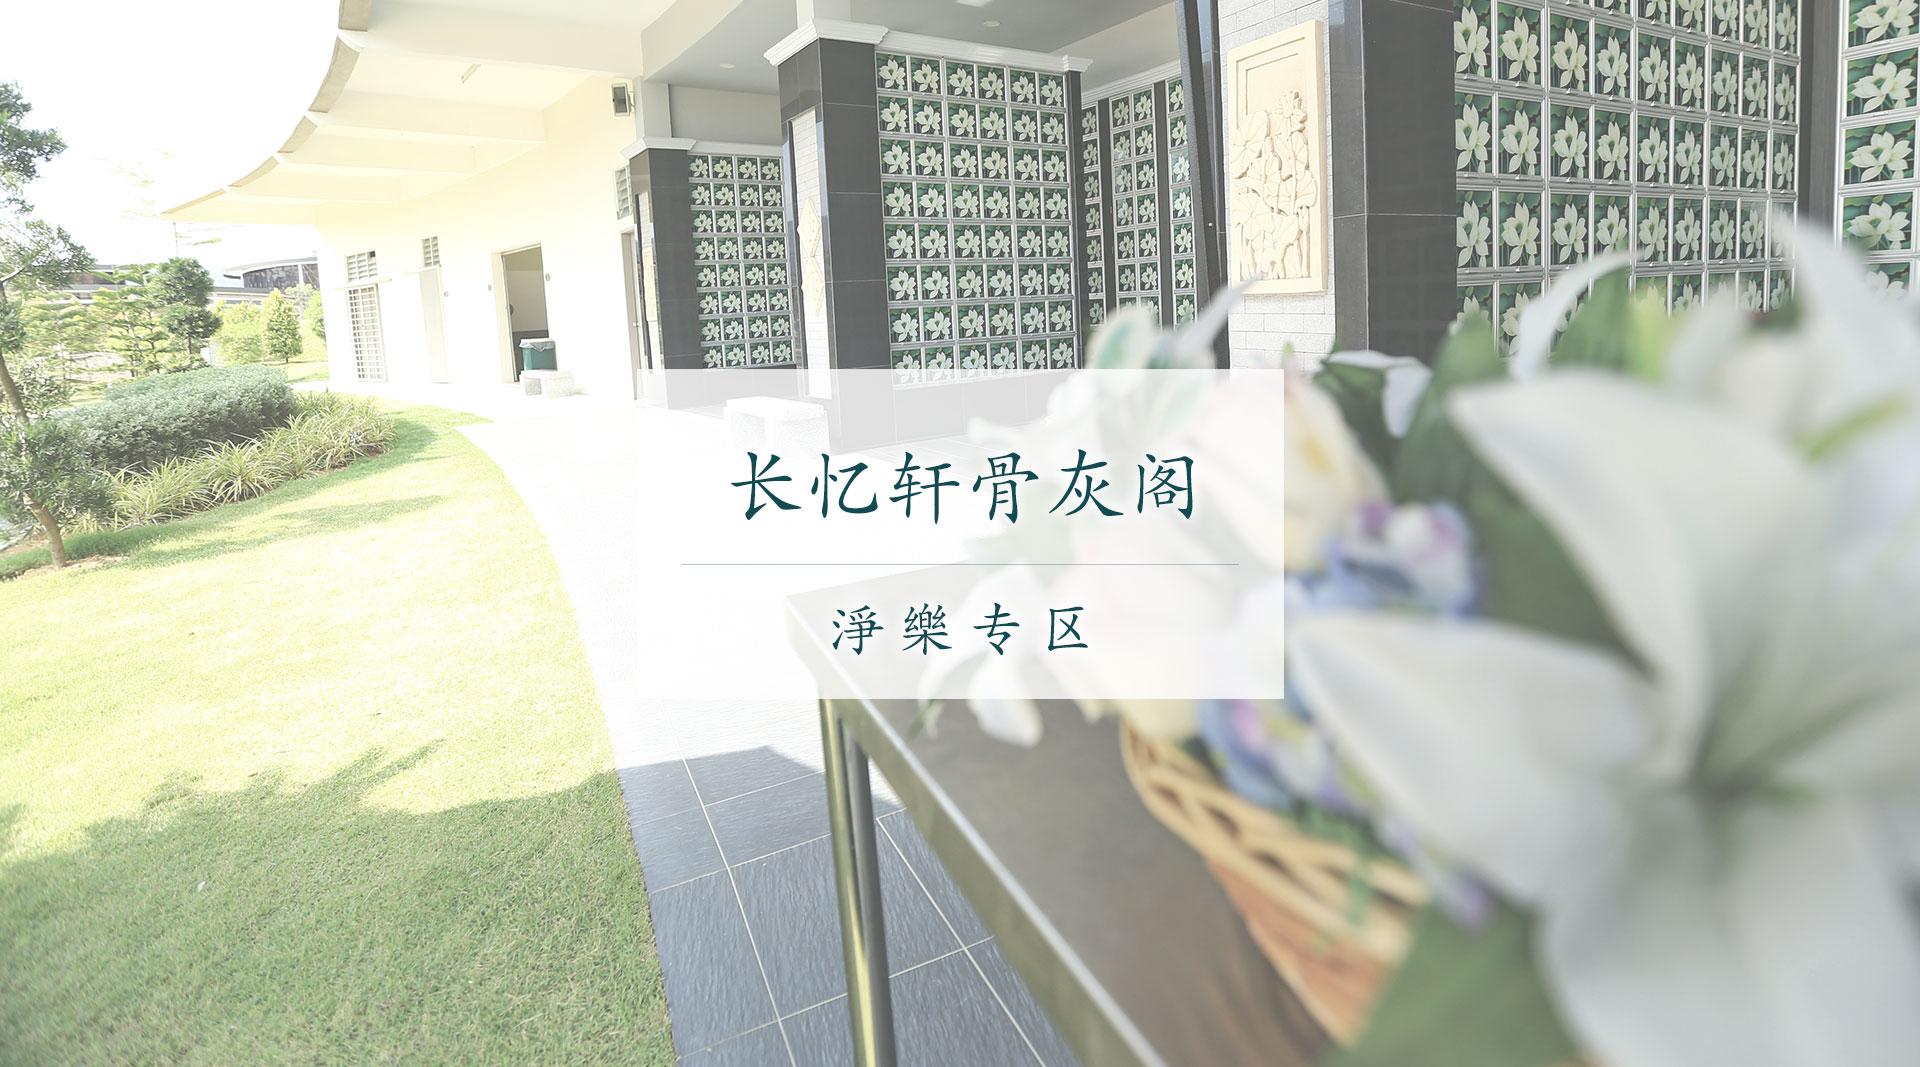 长忆轩骨灰阁-home-pic-1-2